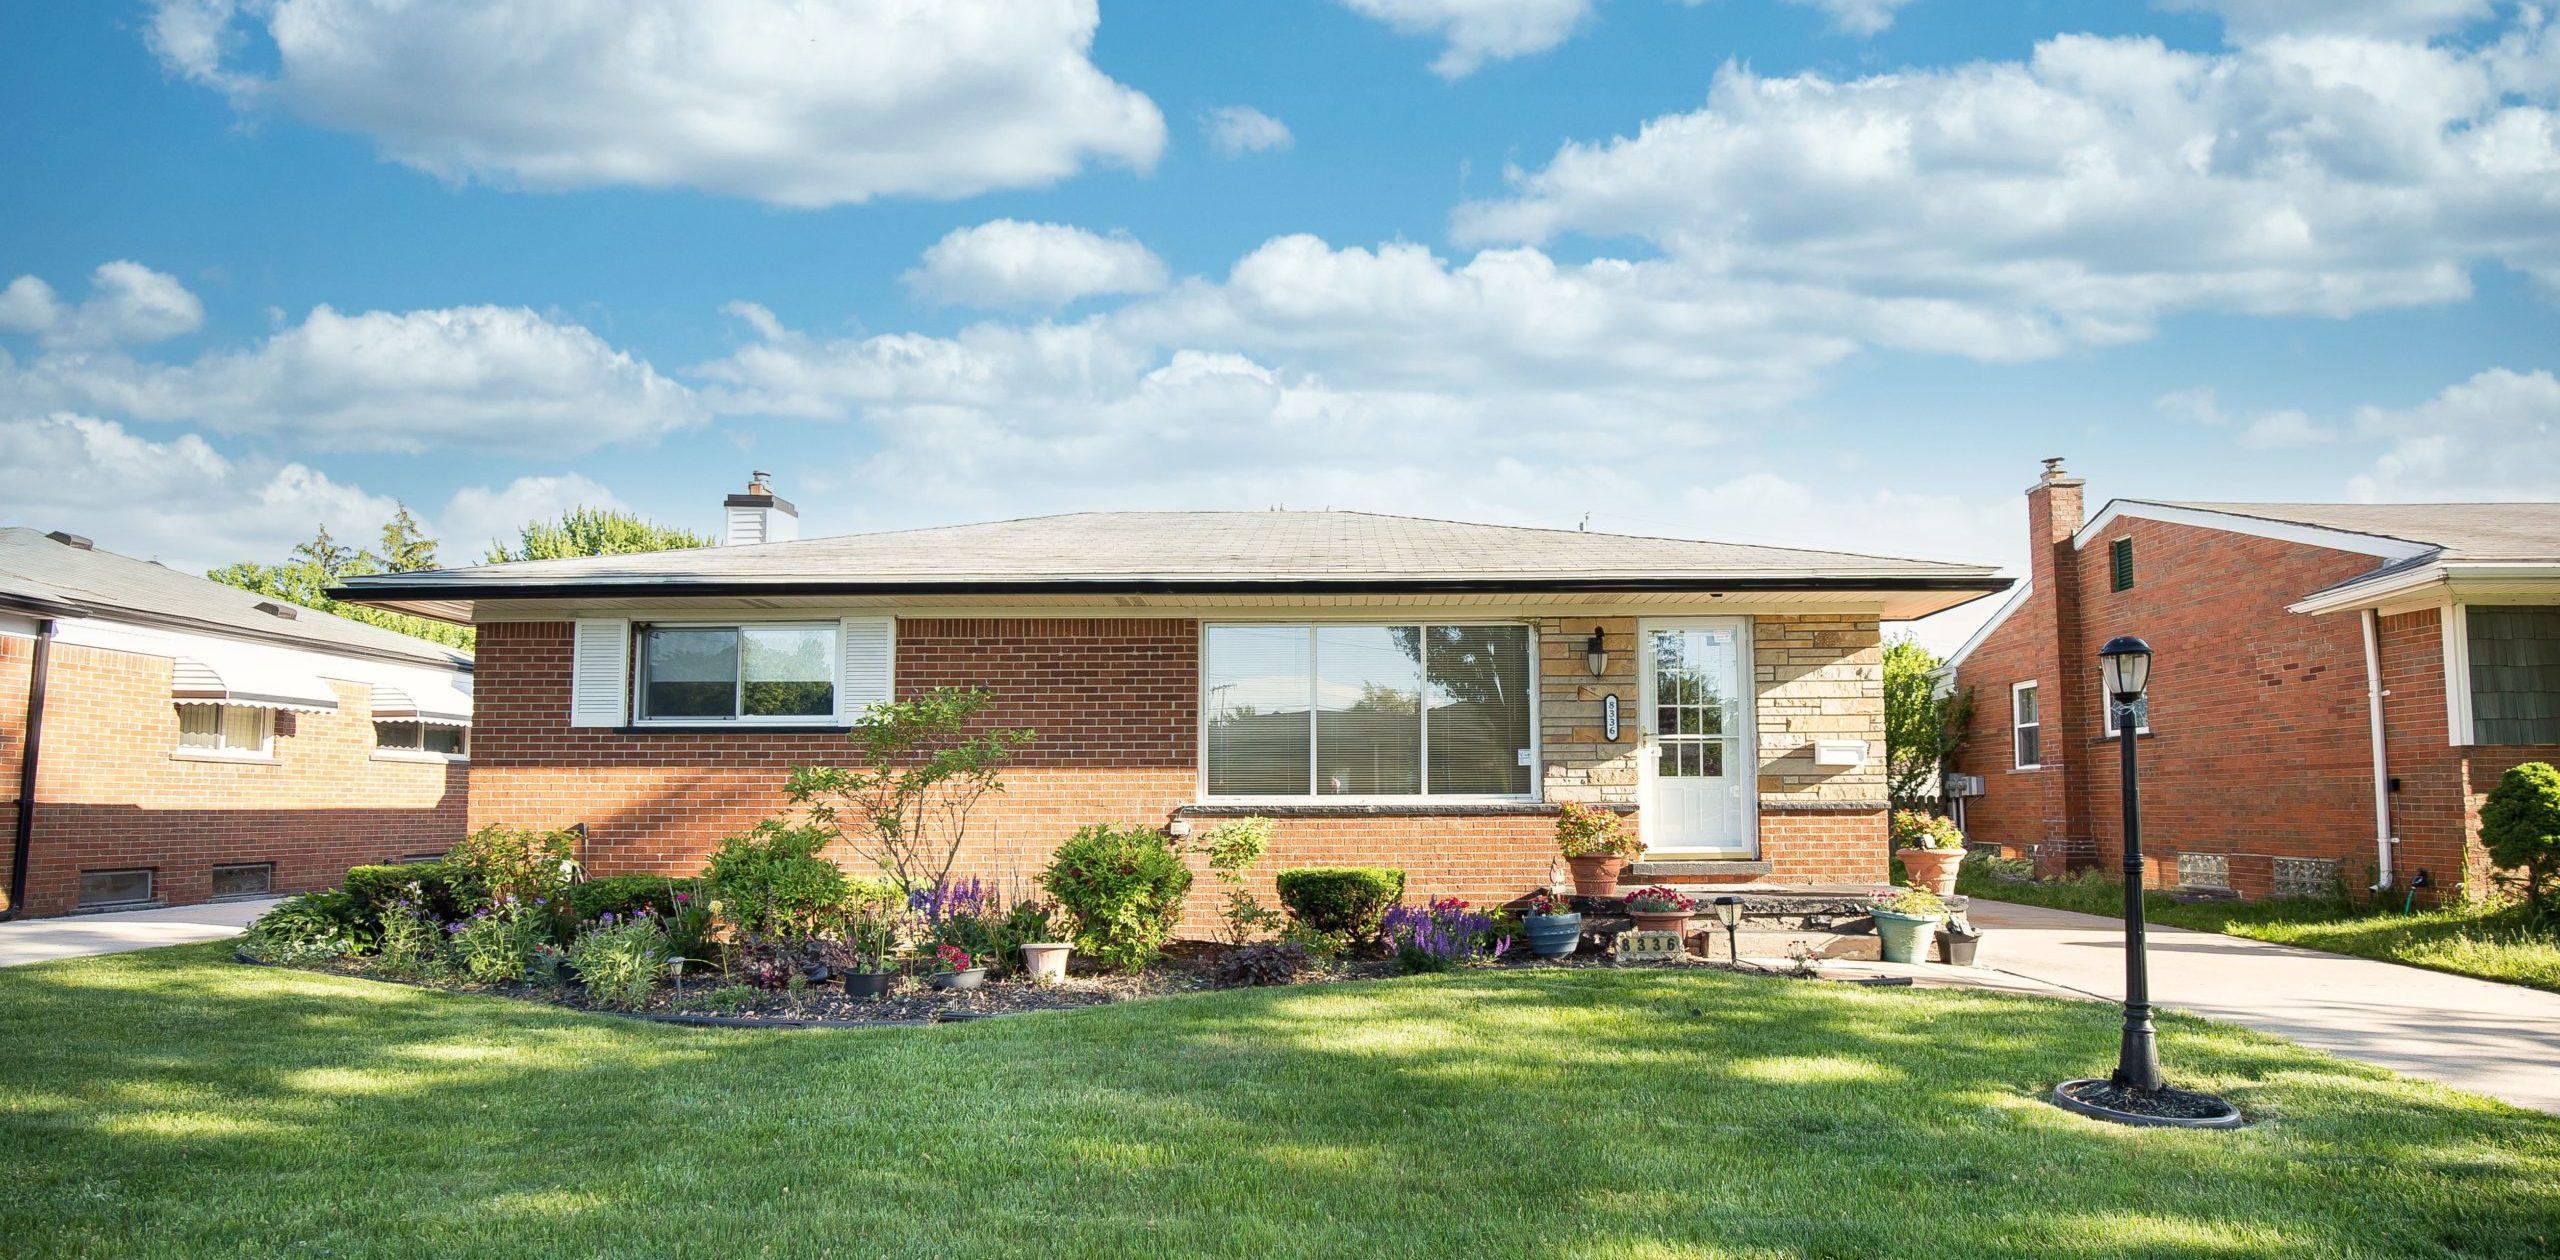 Property Sale is Pending! 8336 Linda St in Warren – $175,000